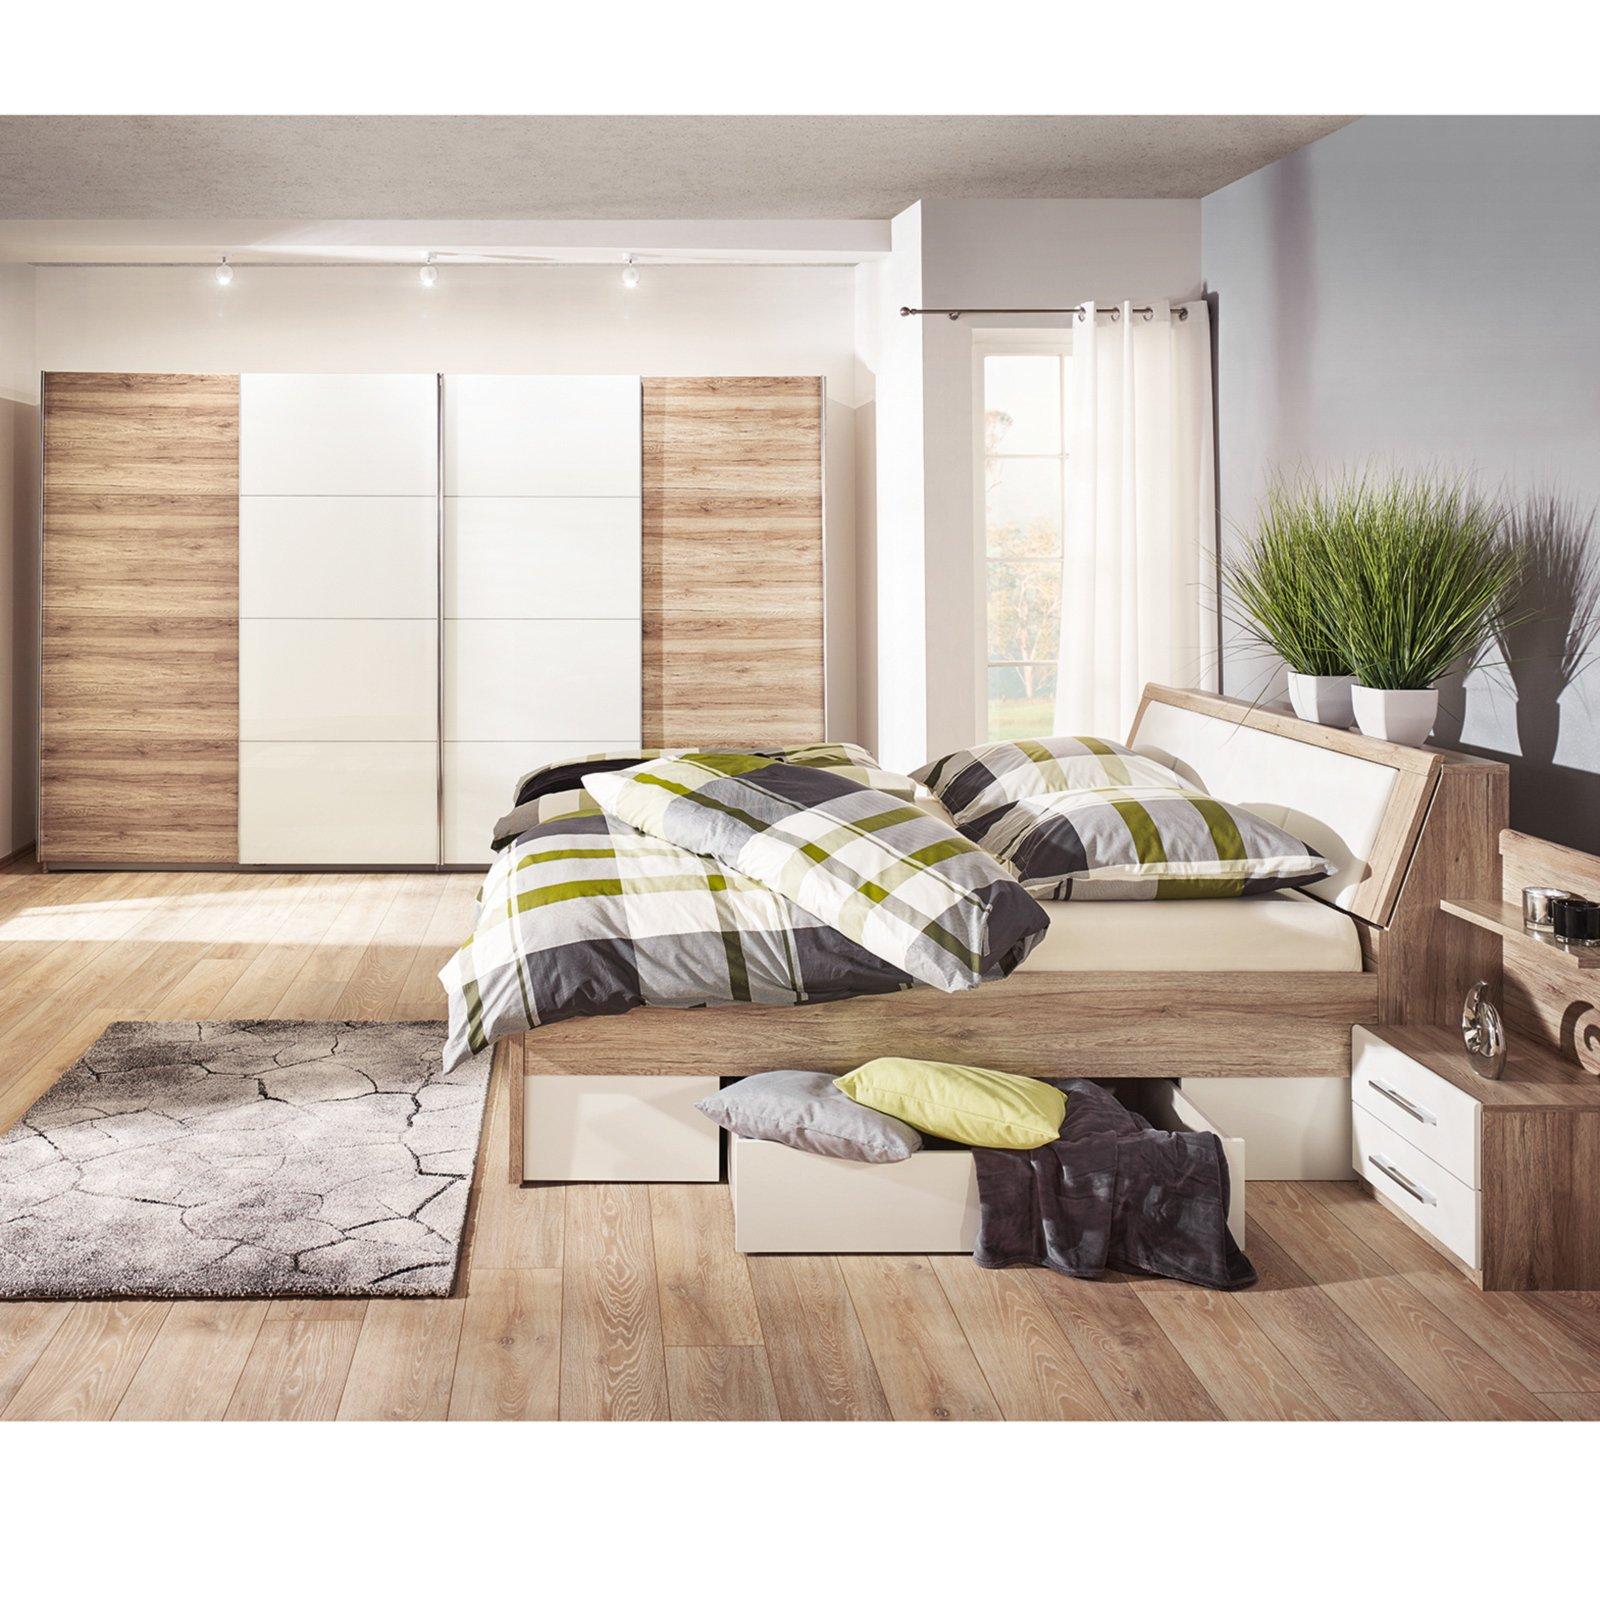 6-teiliges Schlafzimmer-Set KÖLN - San Remo Eiche